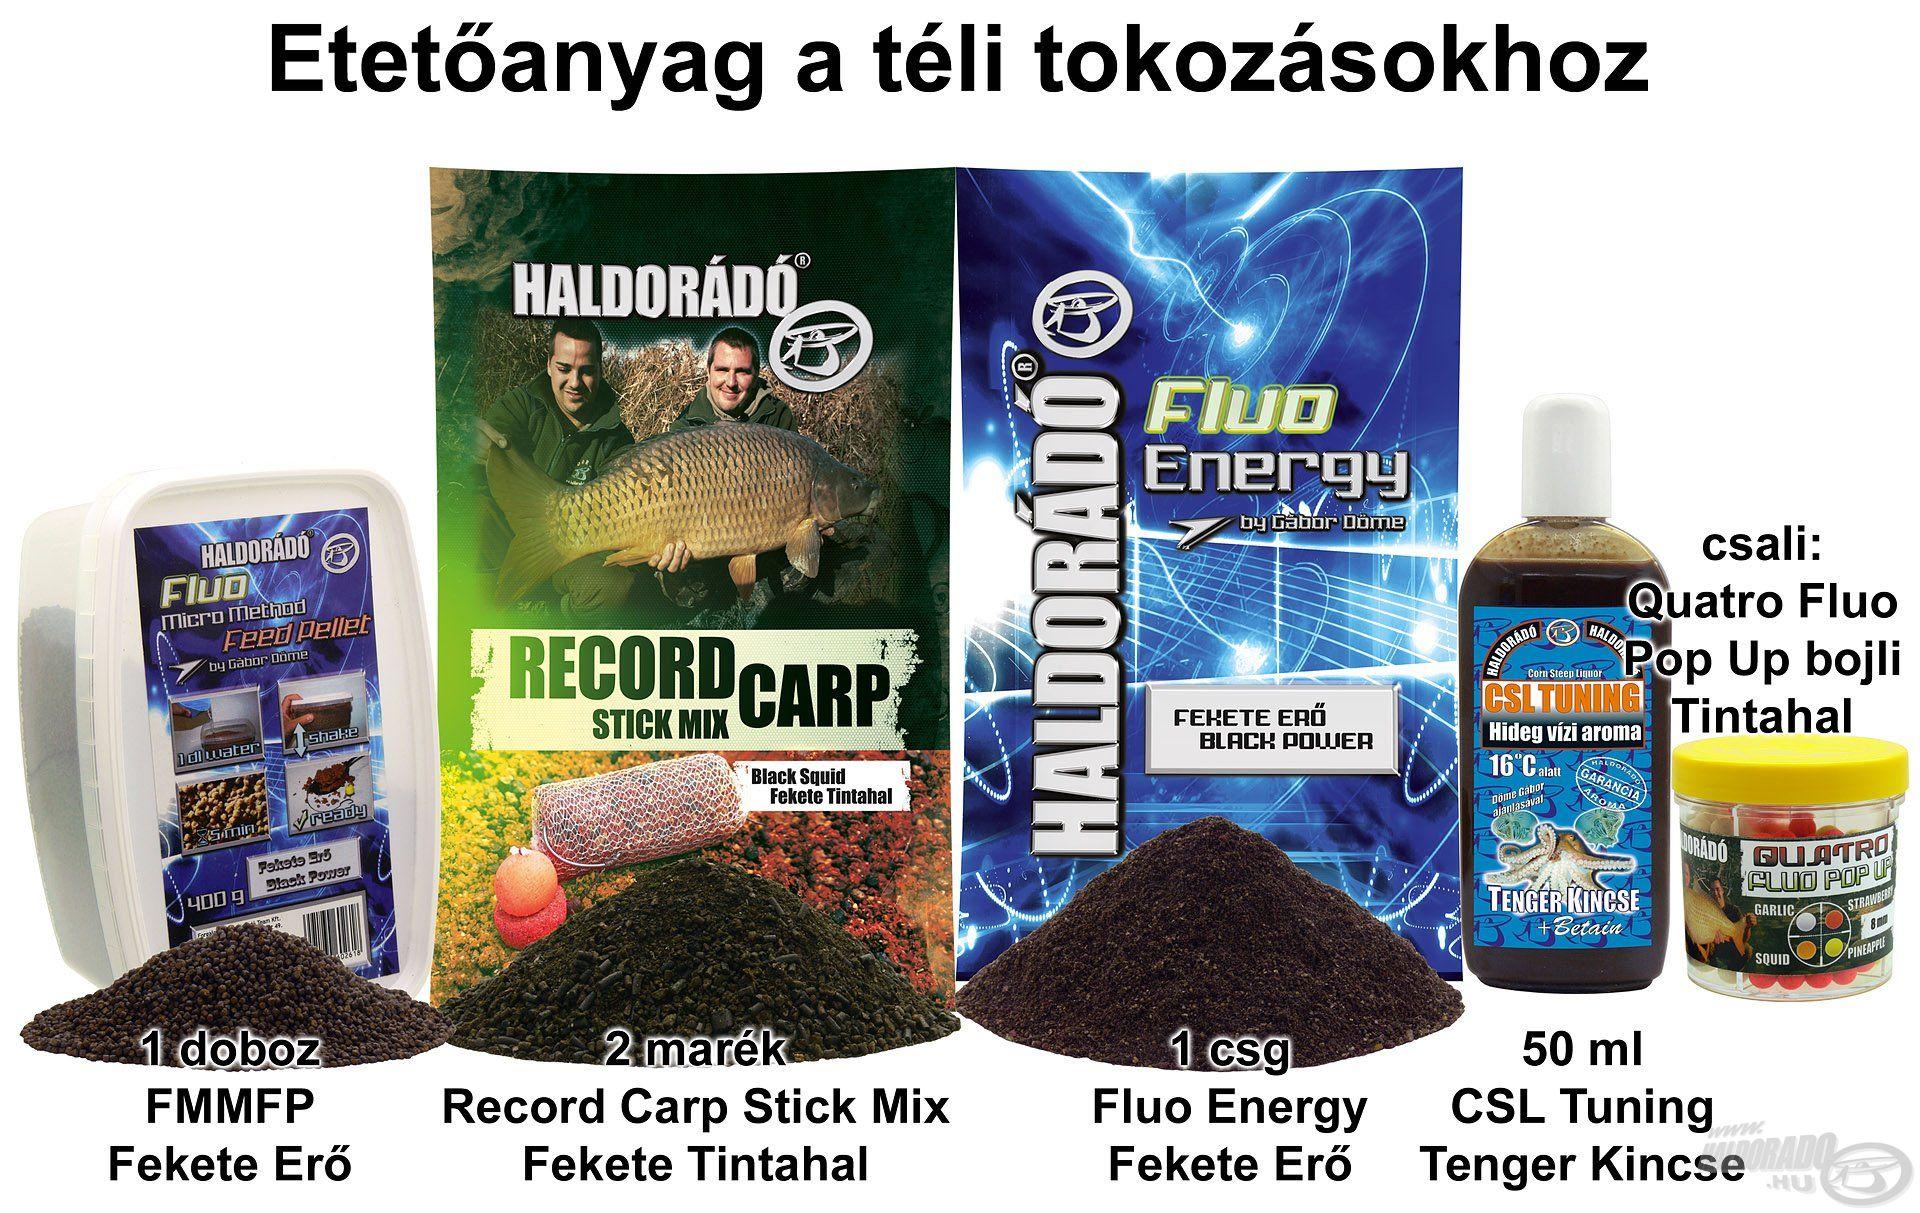 Etetőanyag a téli tokozásokhoz